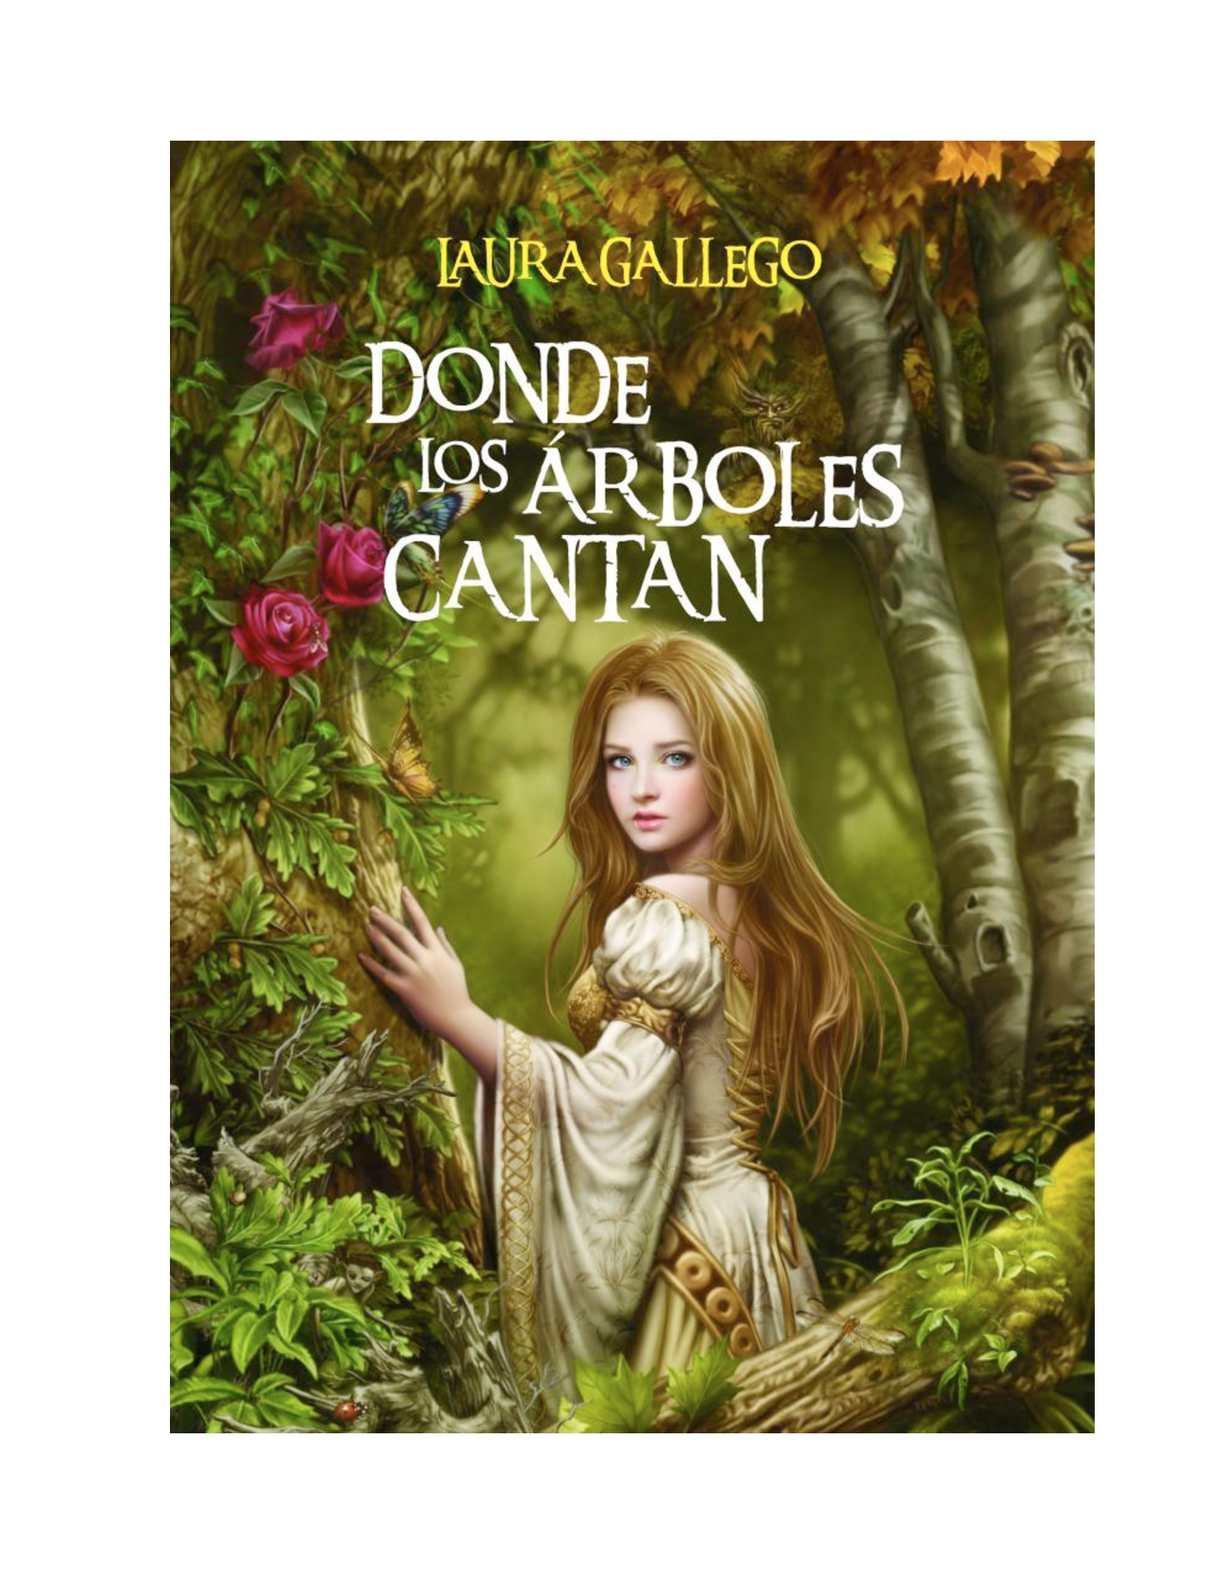 Dibujo De Elfos Con Armadura Besandose calaméo - donde los arboles cantan